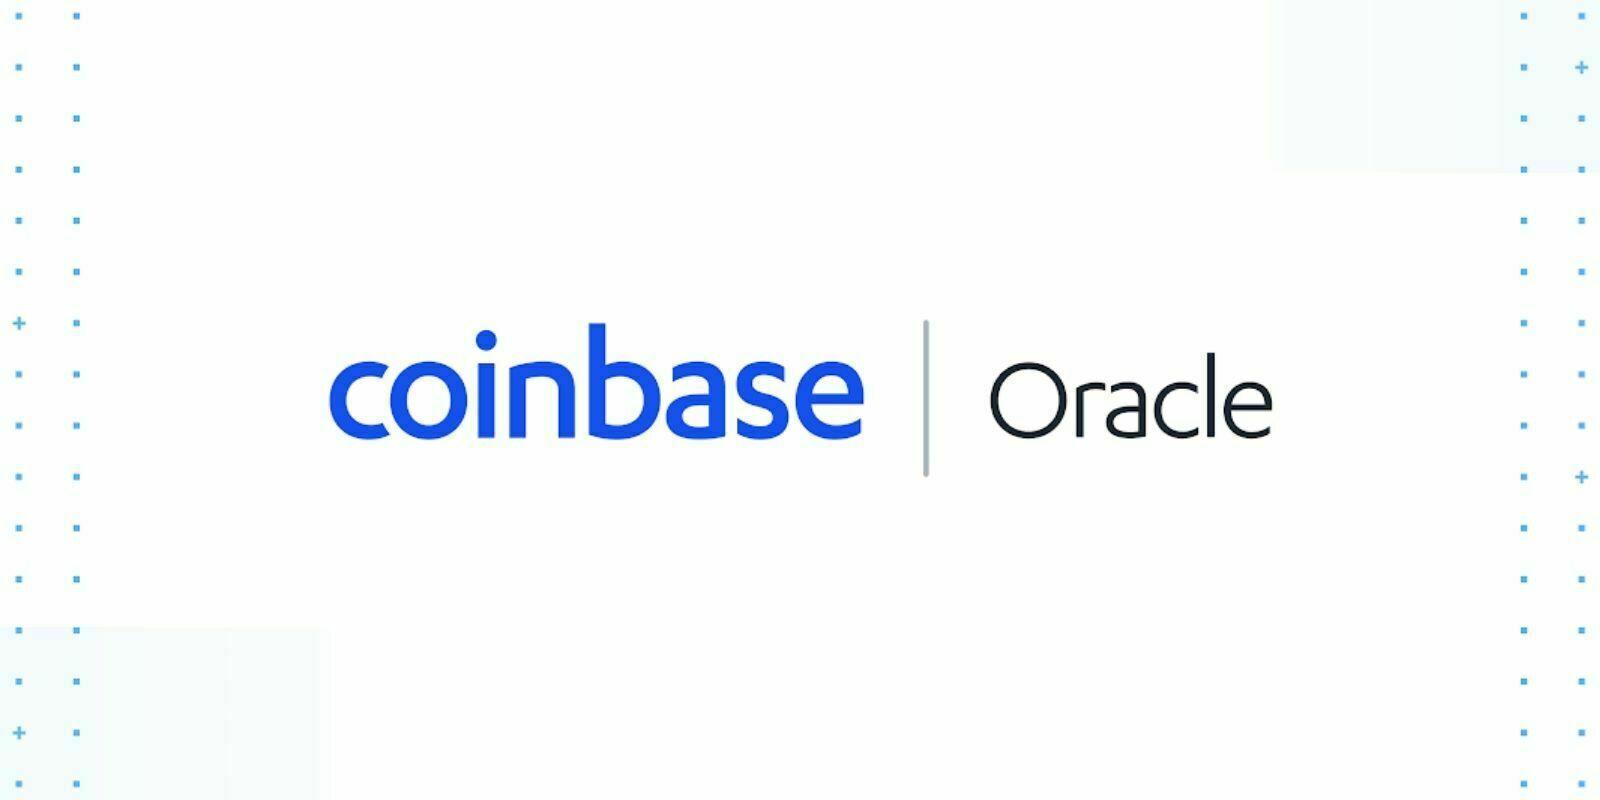 DeFi : Coinbase lance son propre oracle, un concurrent pour Chainlink ?